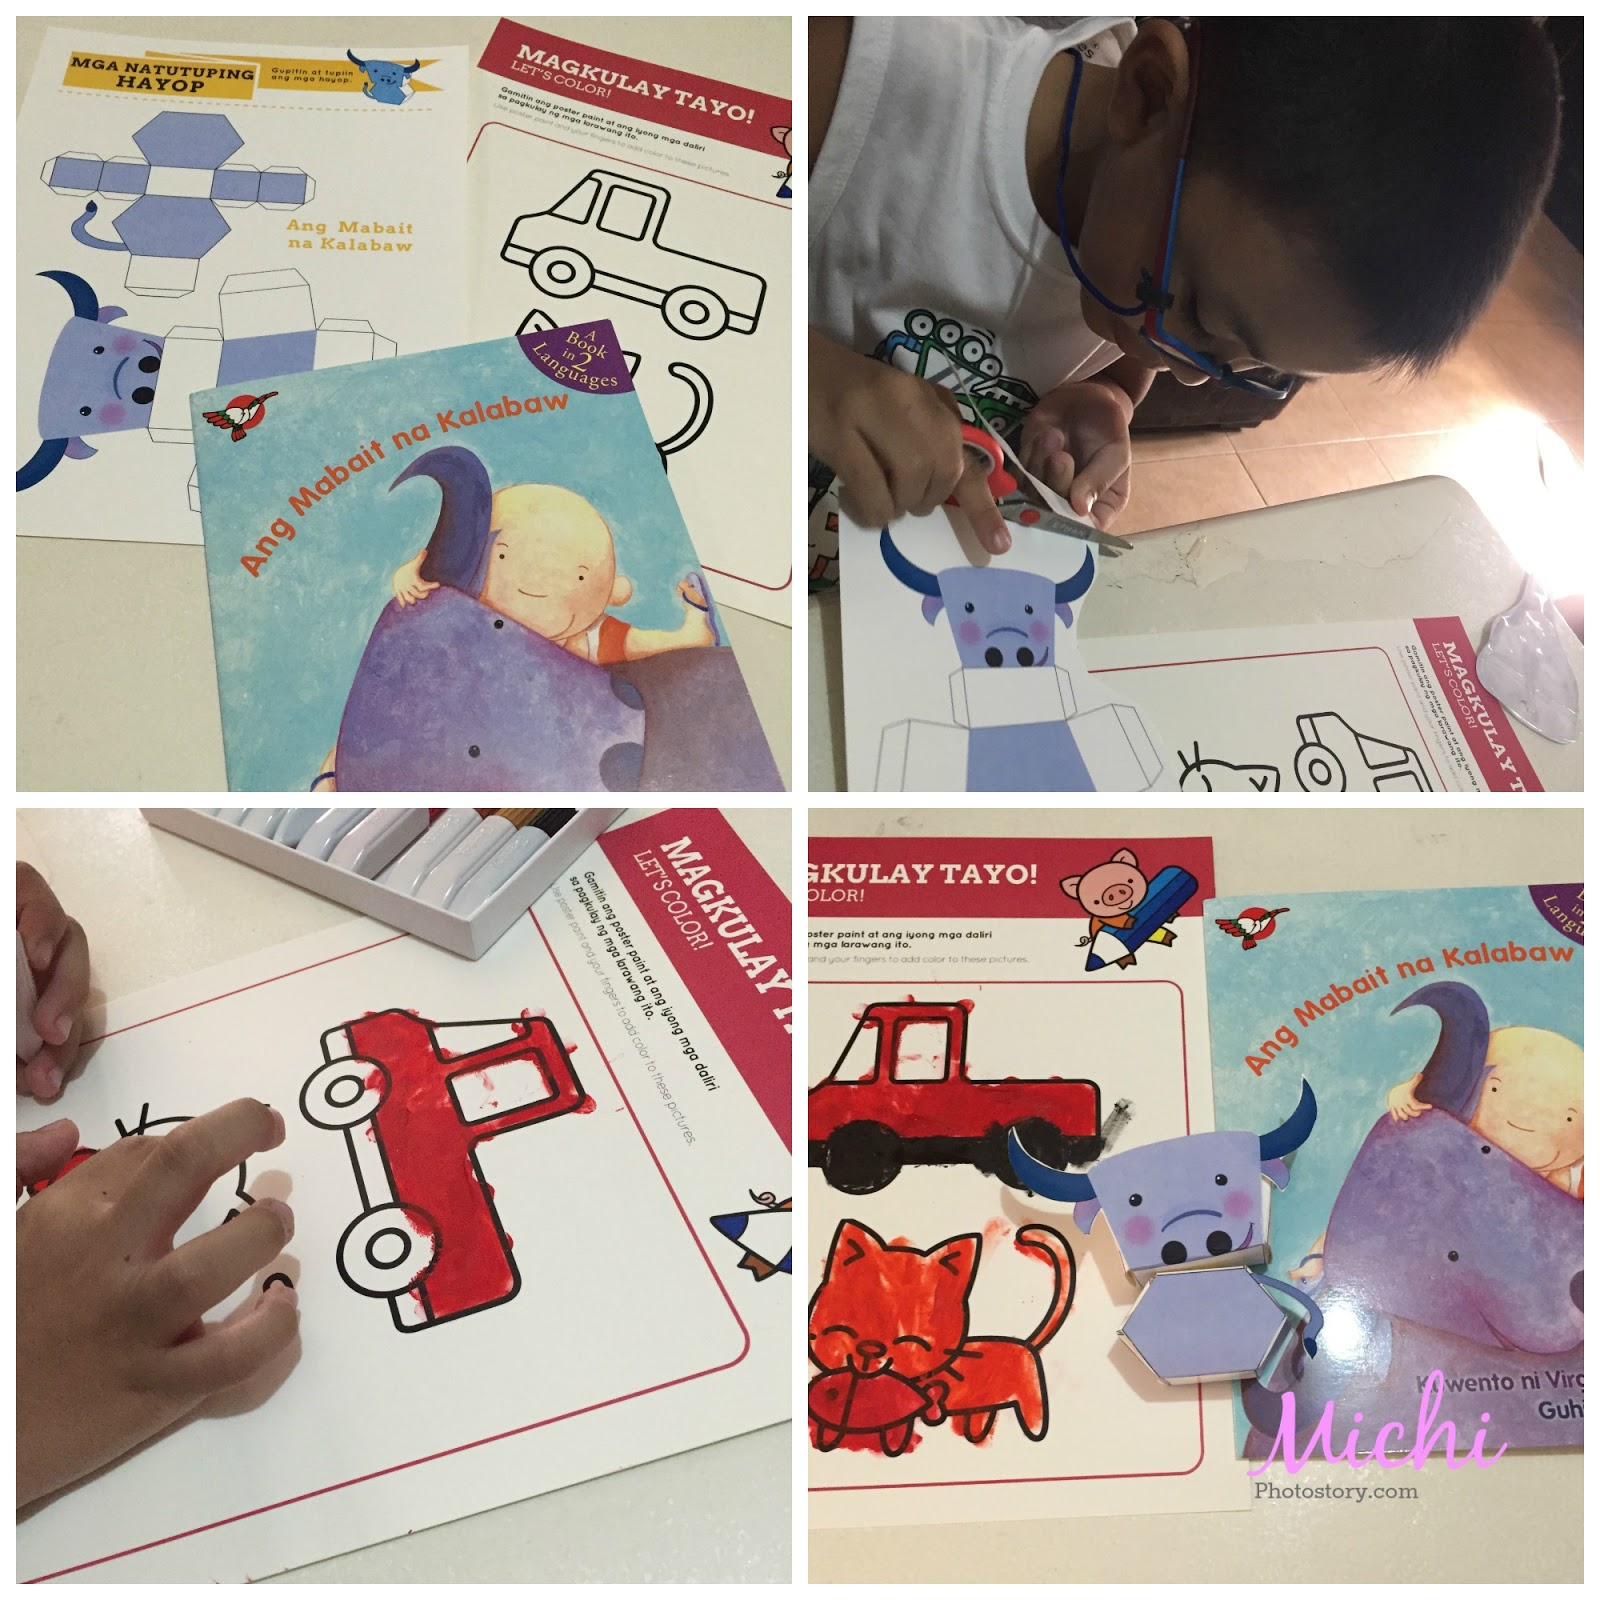 Michi Photostory Learning Filipino With Buribox